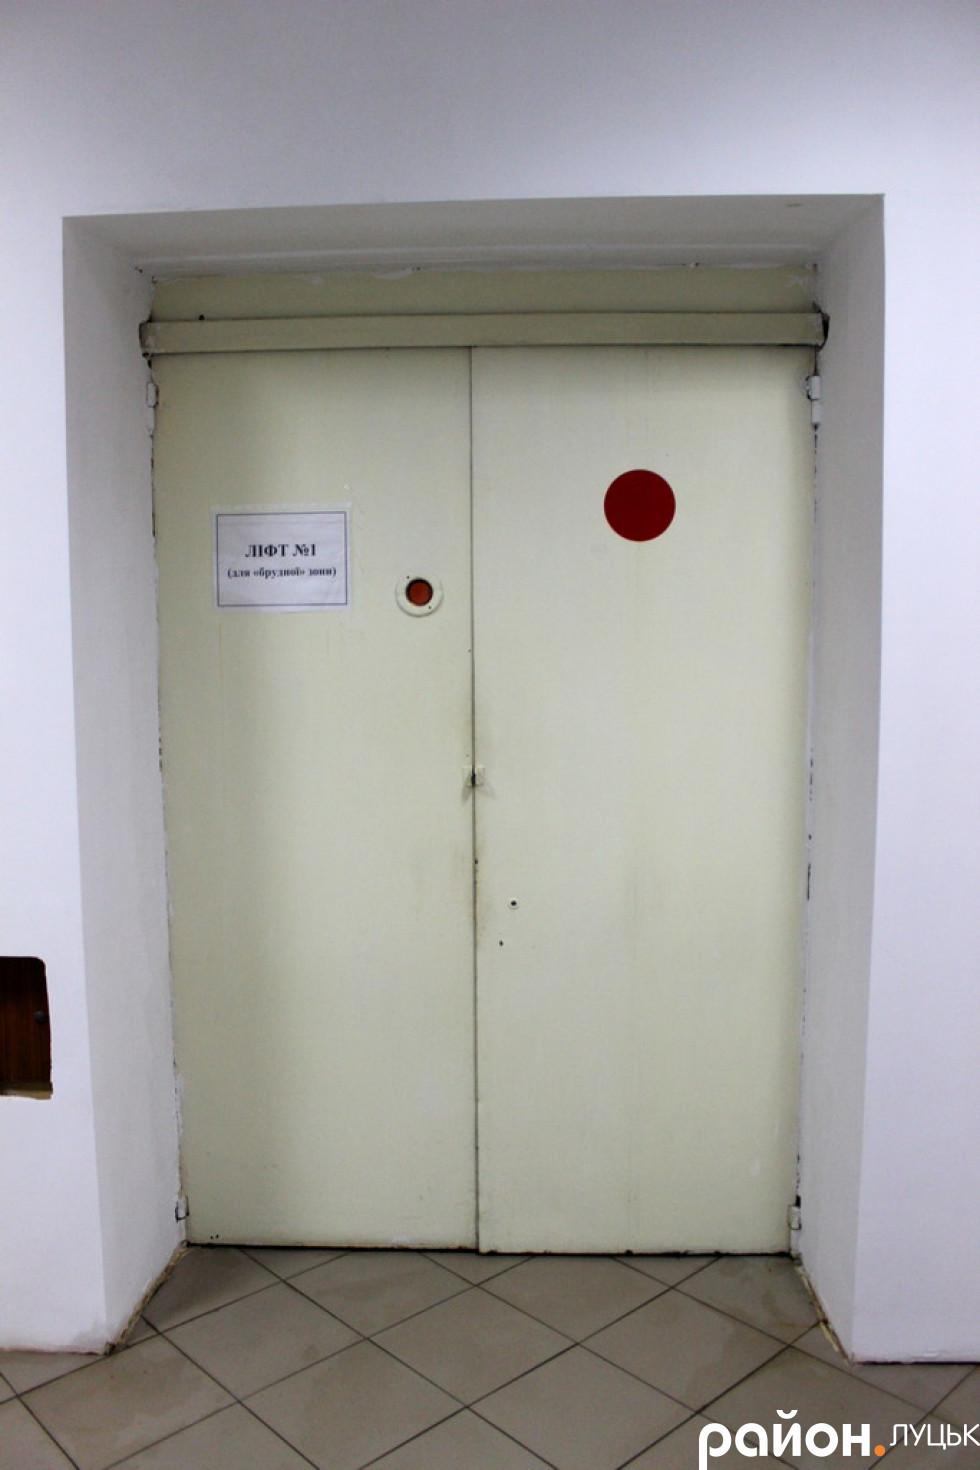 «Брудний» ліфт